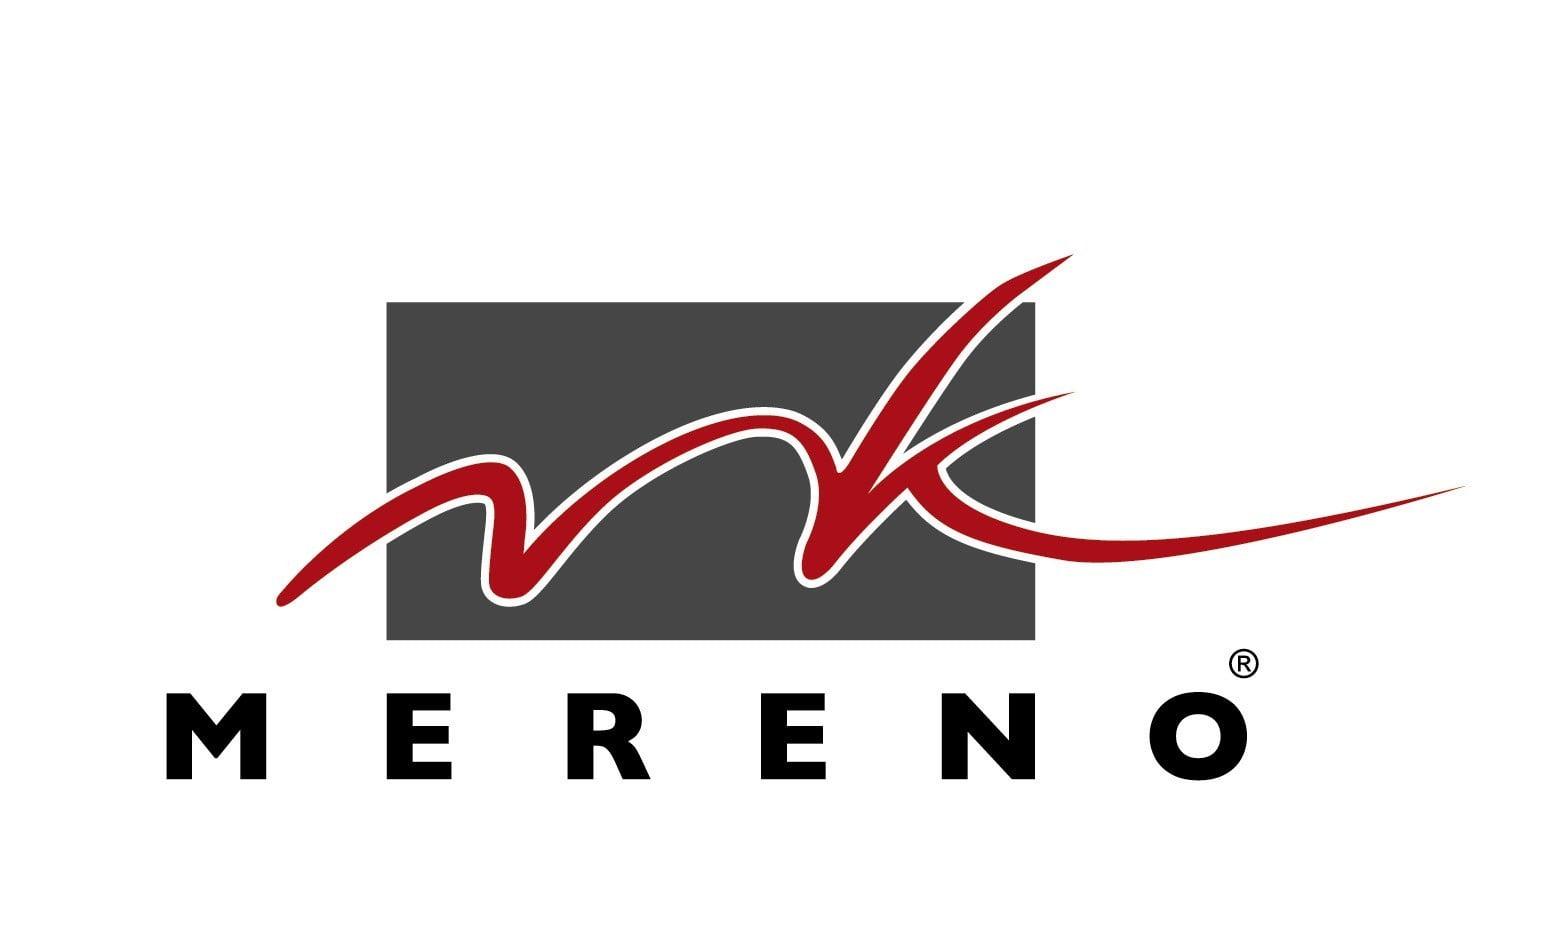 Mereno